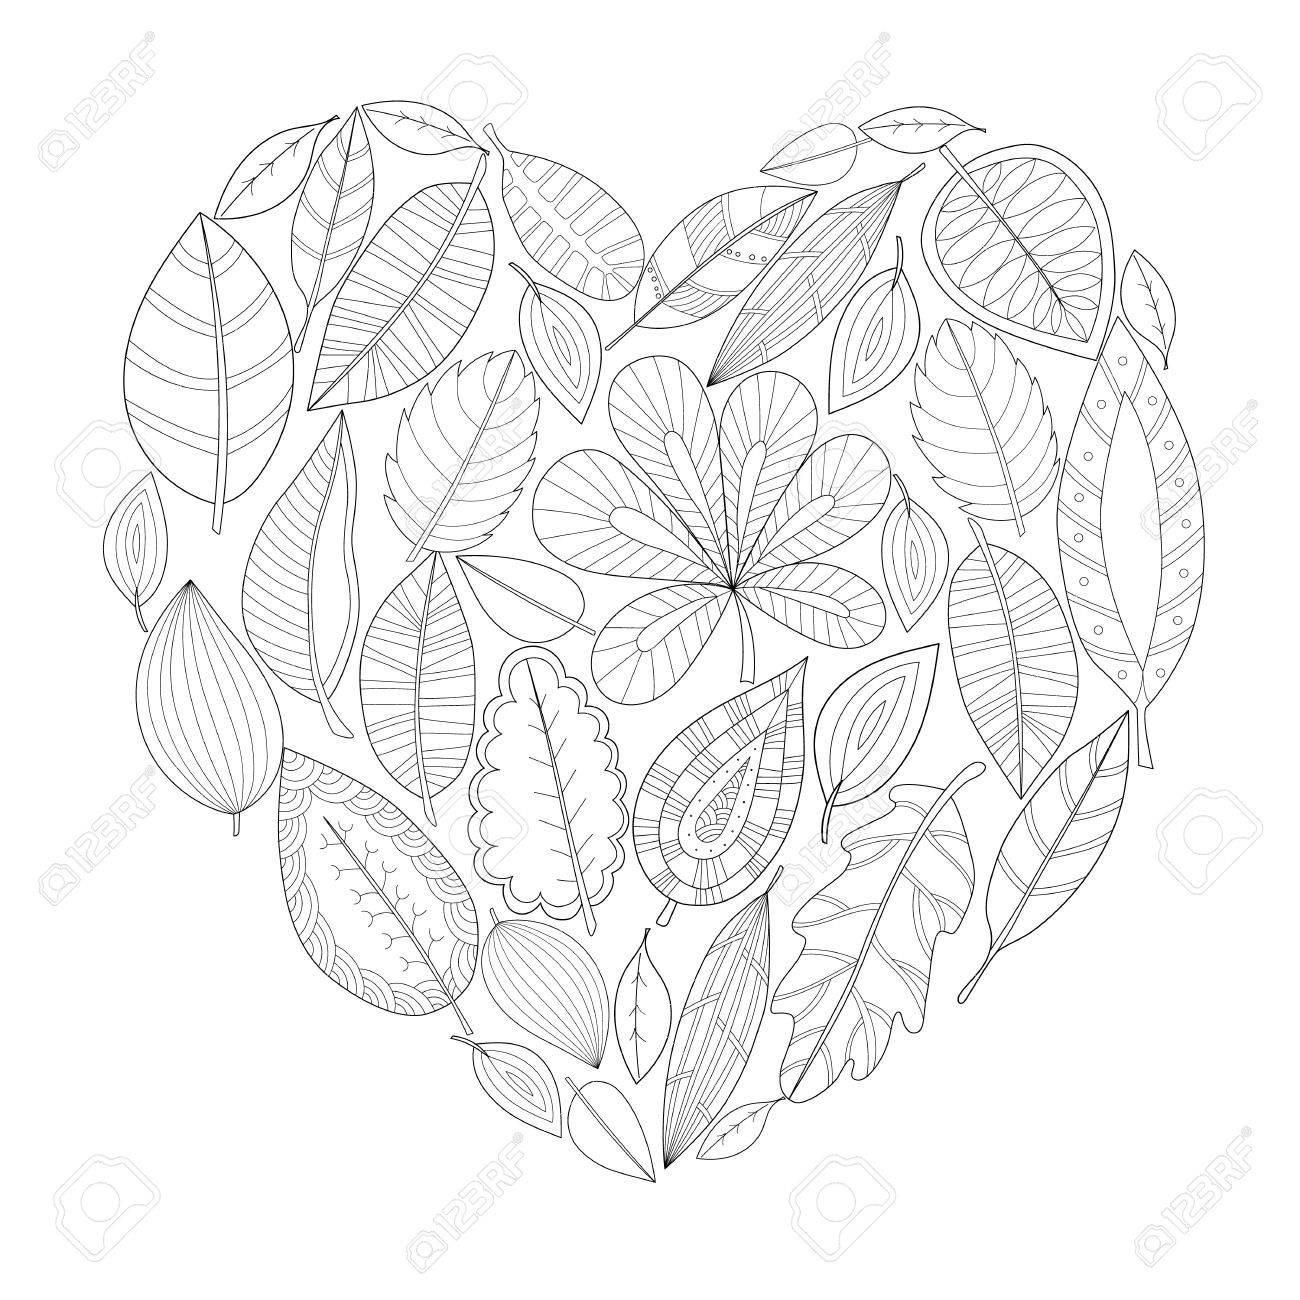 Hojas De Otoño En Forma De Corazón. Mano Dibujado Página Para ...